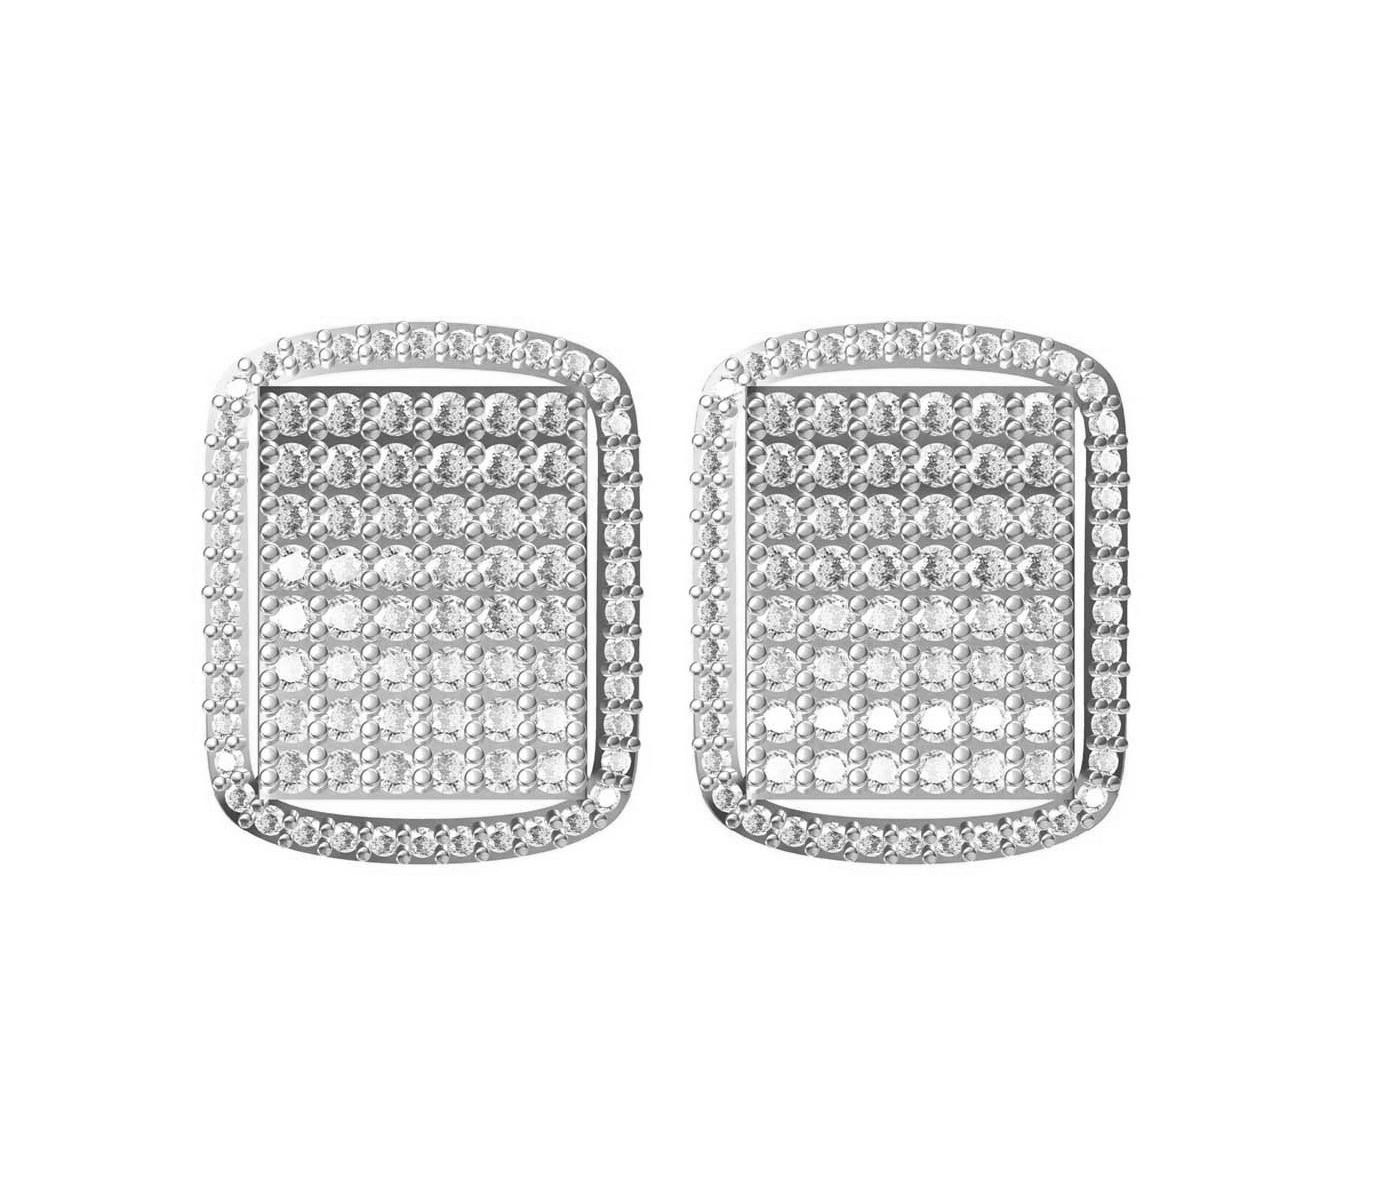 Diamond Earrings TCW 1.27 14K gold 6 gm